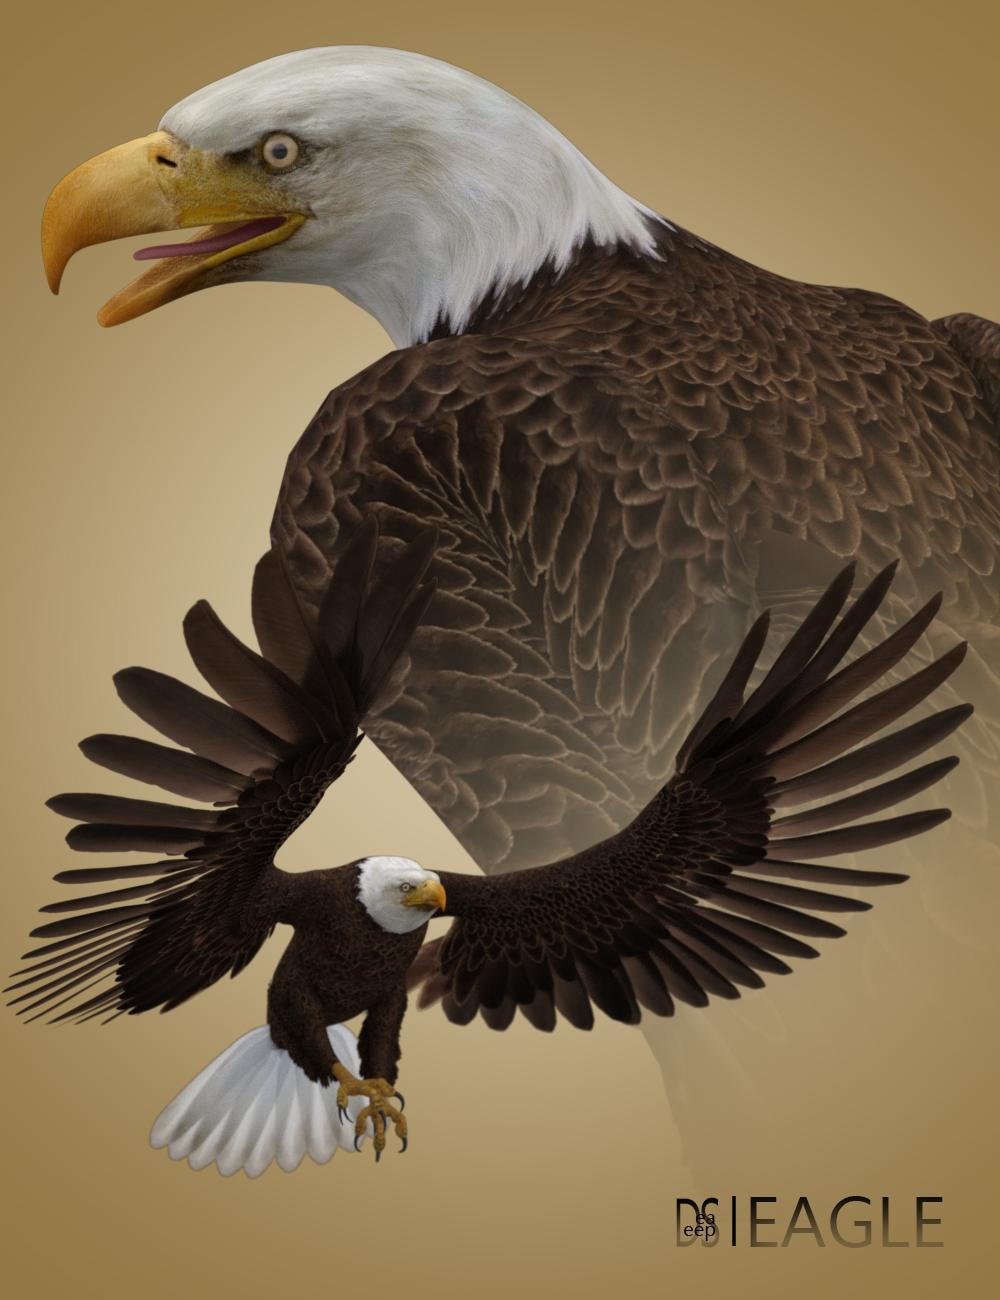 Deepsea's Eagle by: Deepsea, 3D Models by Daz 3D